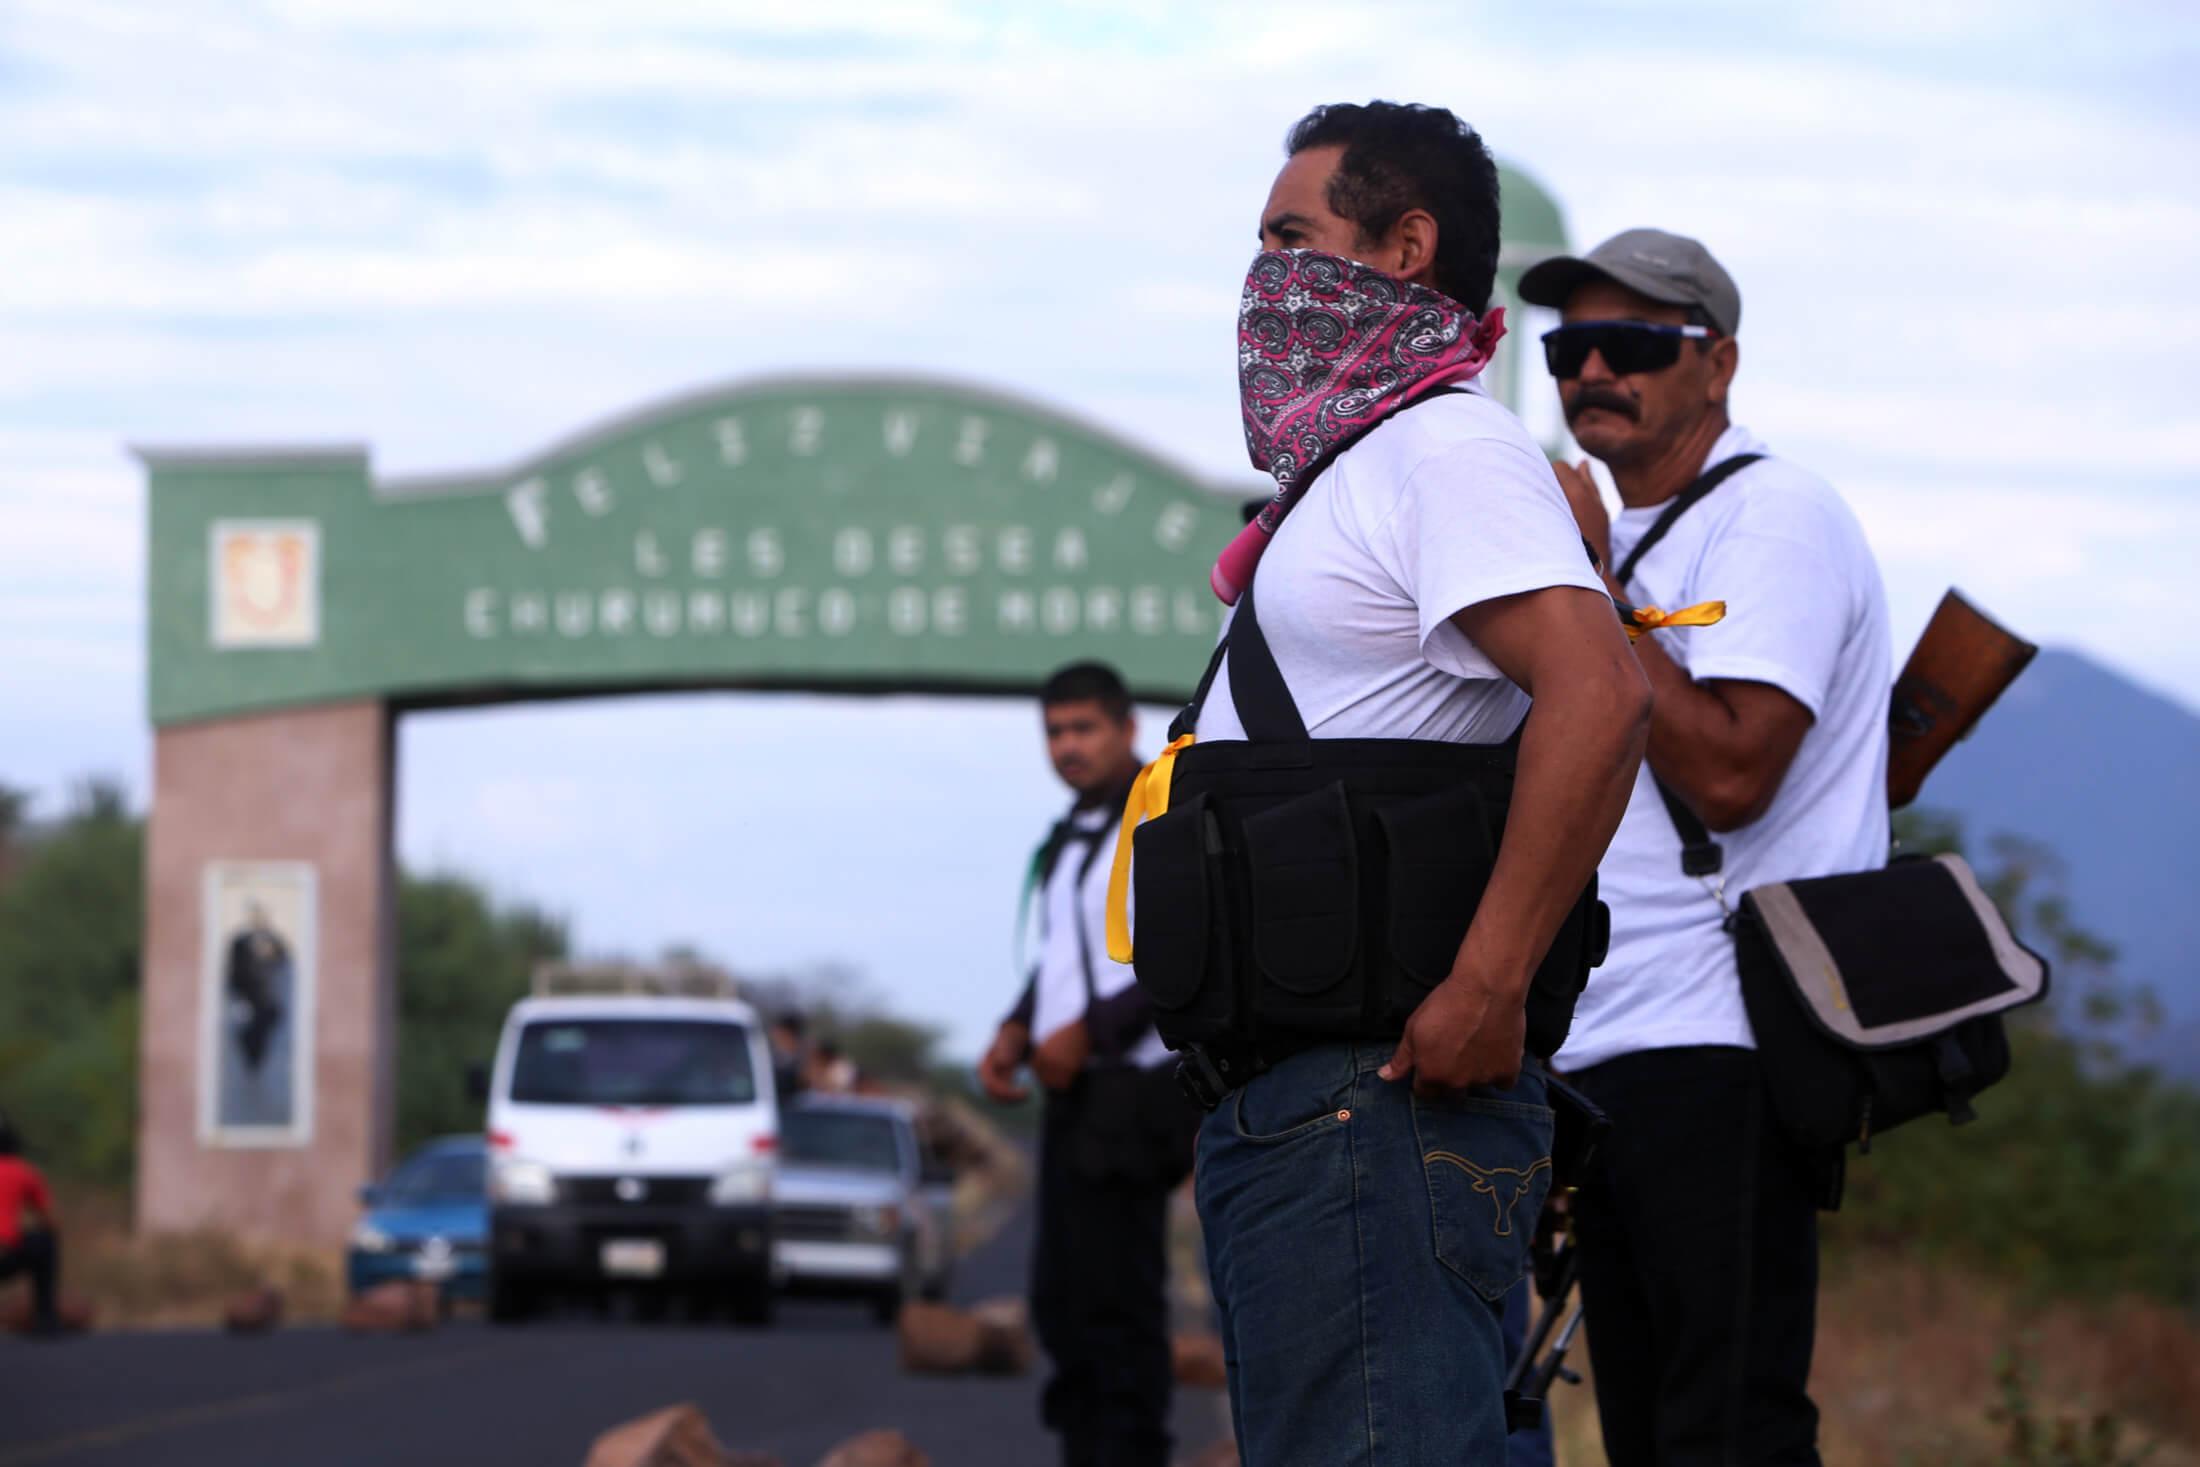 Los grupos de autodefensa en Michoacan tomaron hoy por la mañana el municipio de Churumuco en la Tierra Caliente, juntando 28 munucipios bajo su control. La caravana partió desde La Huacana sin nigun contratiempo.